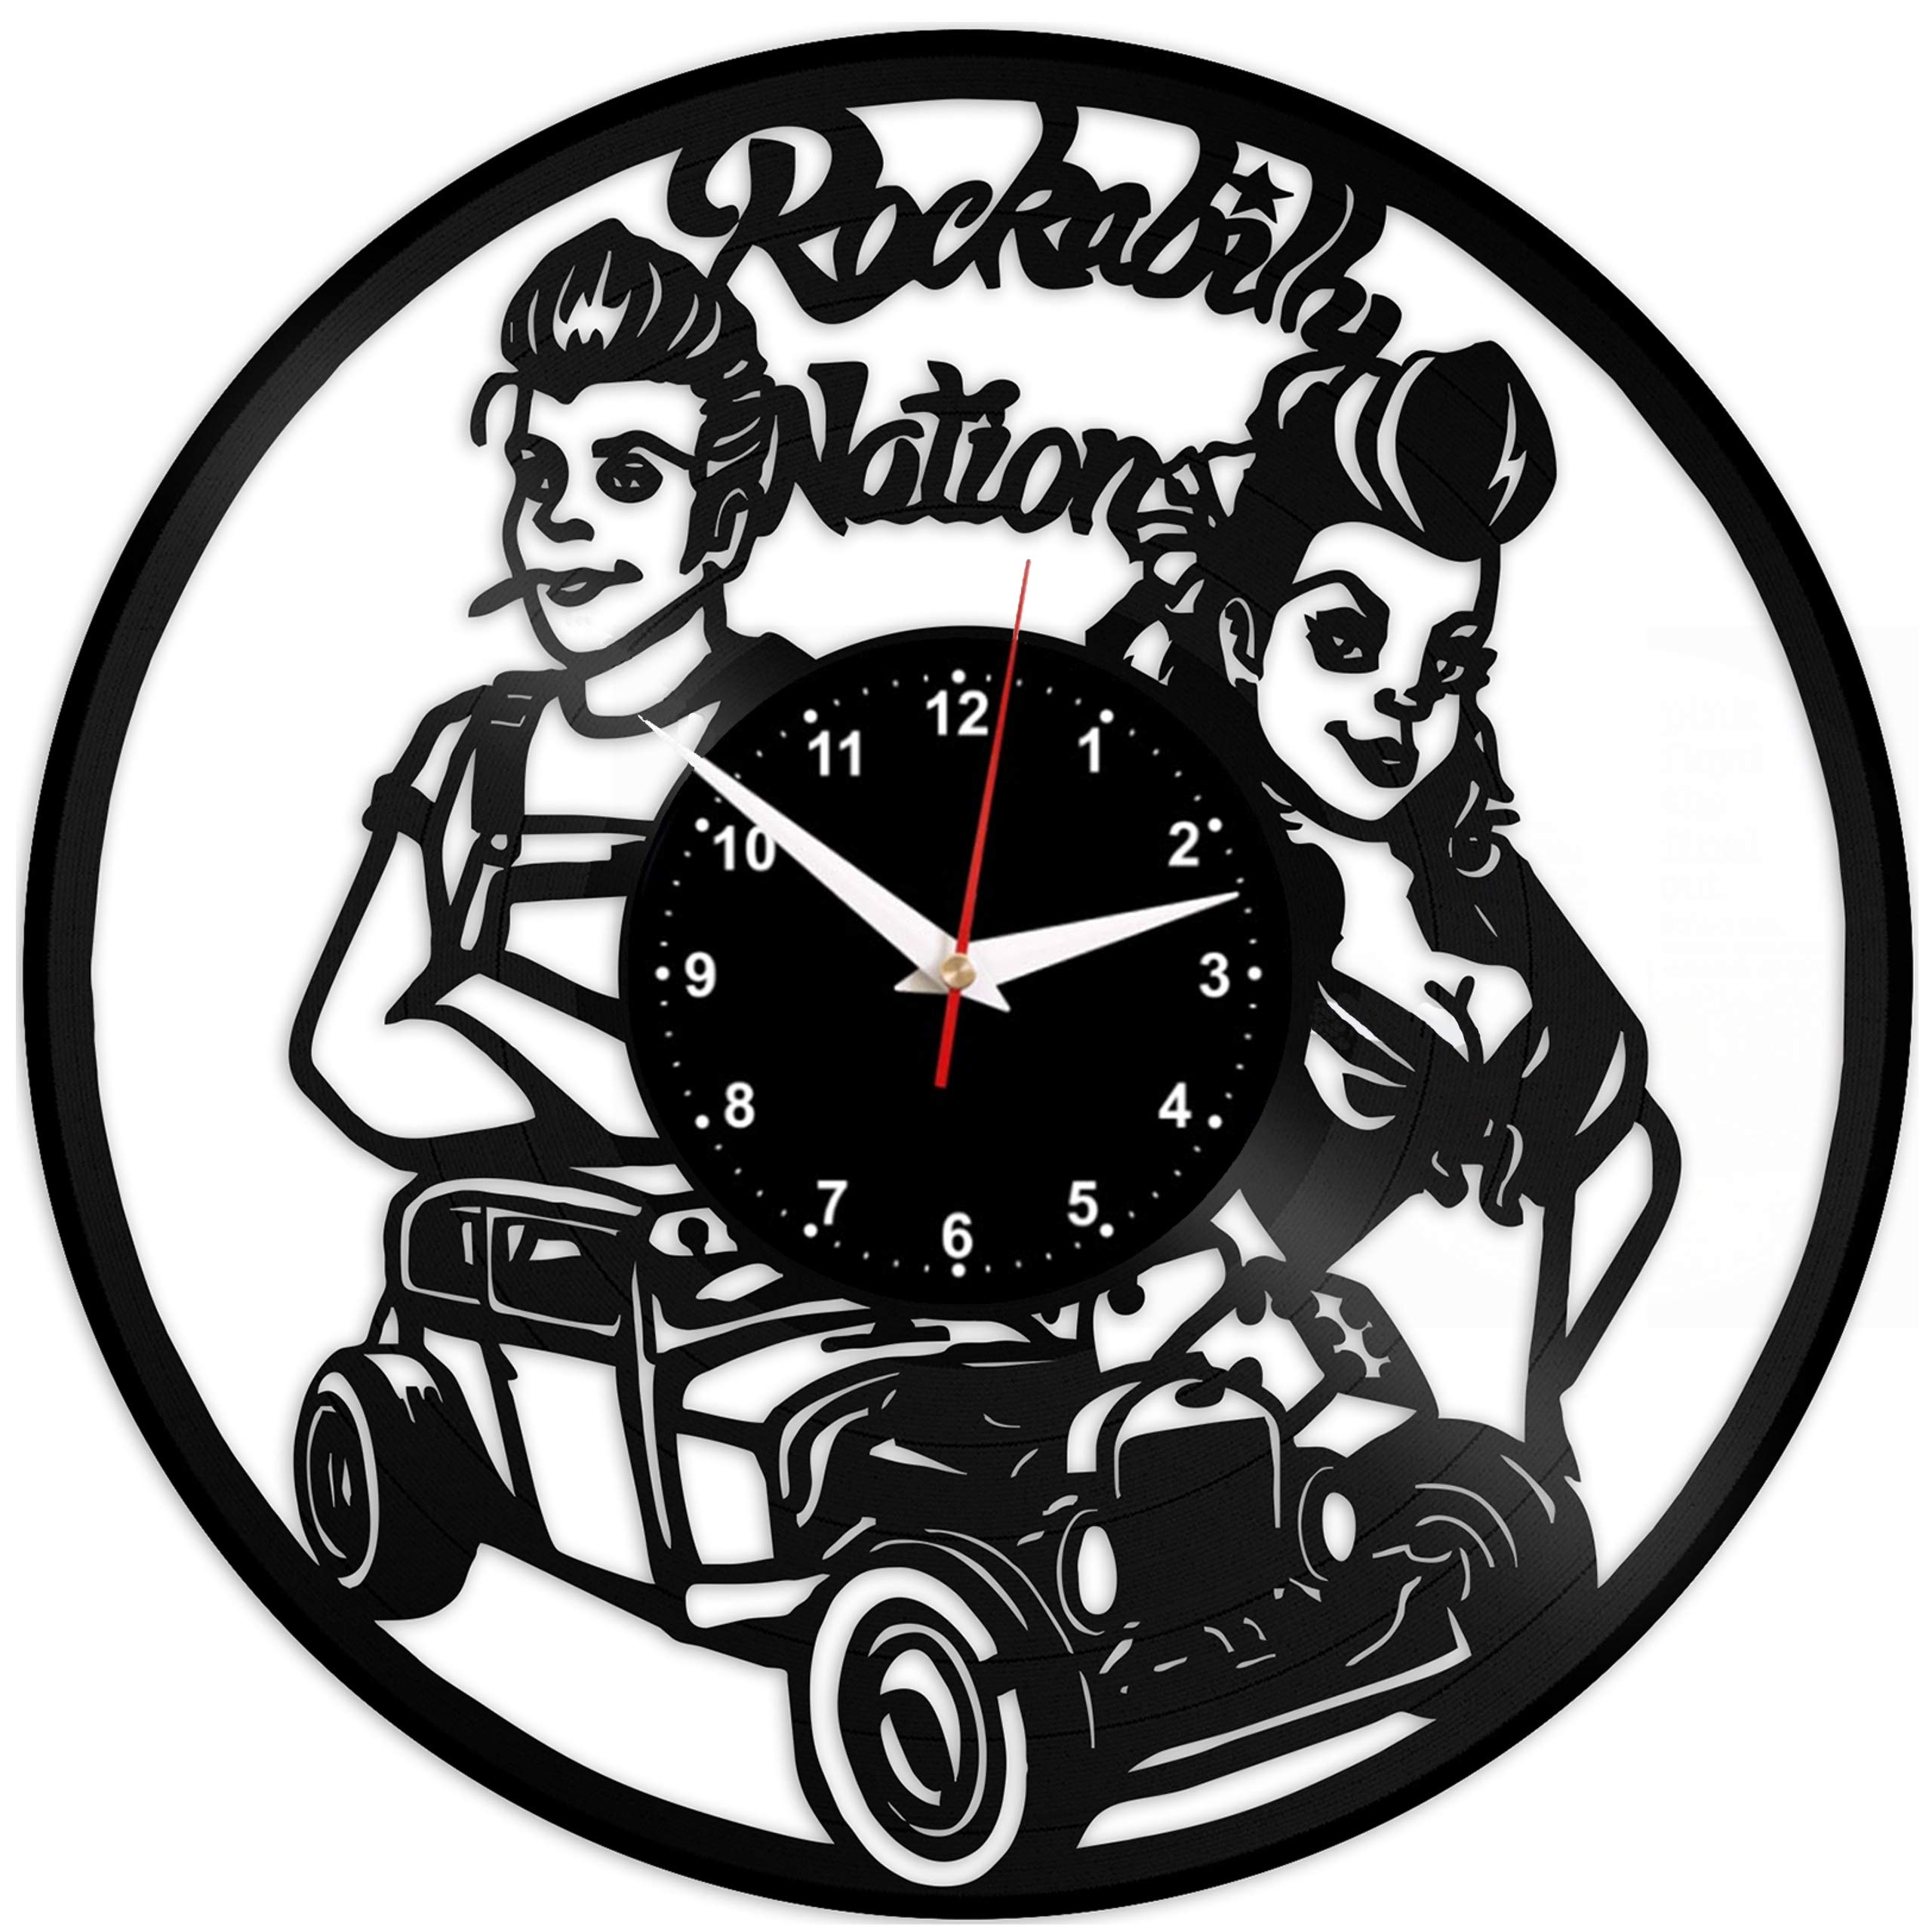 EVEVO Barber Shop - Reloj de Pared, diseño de barbería: Amazon.es ...